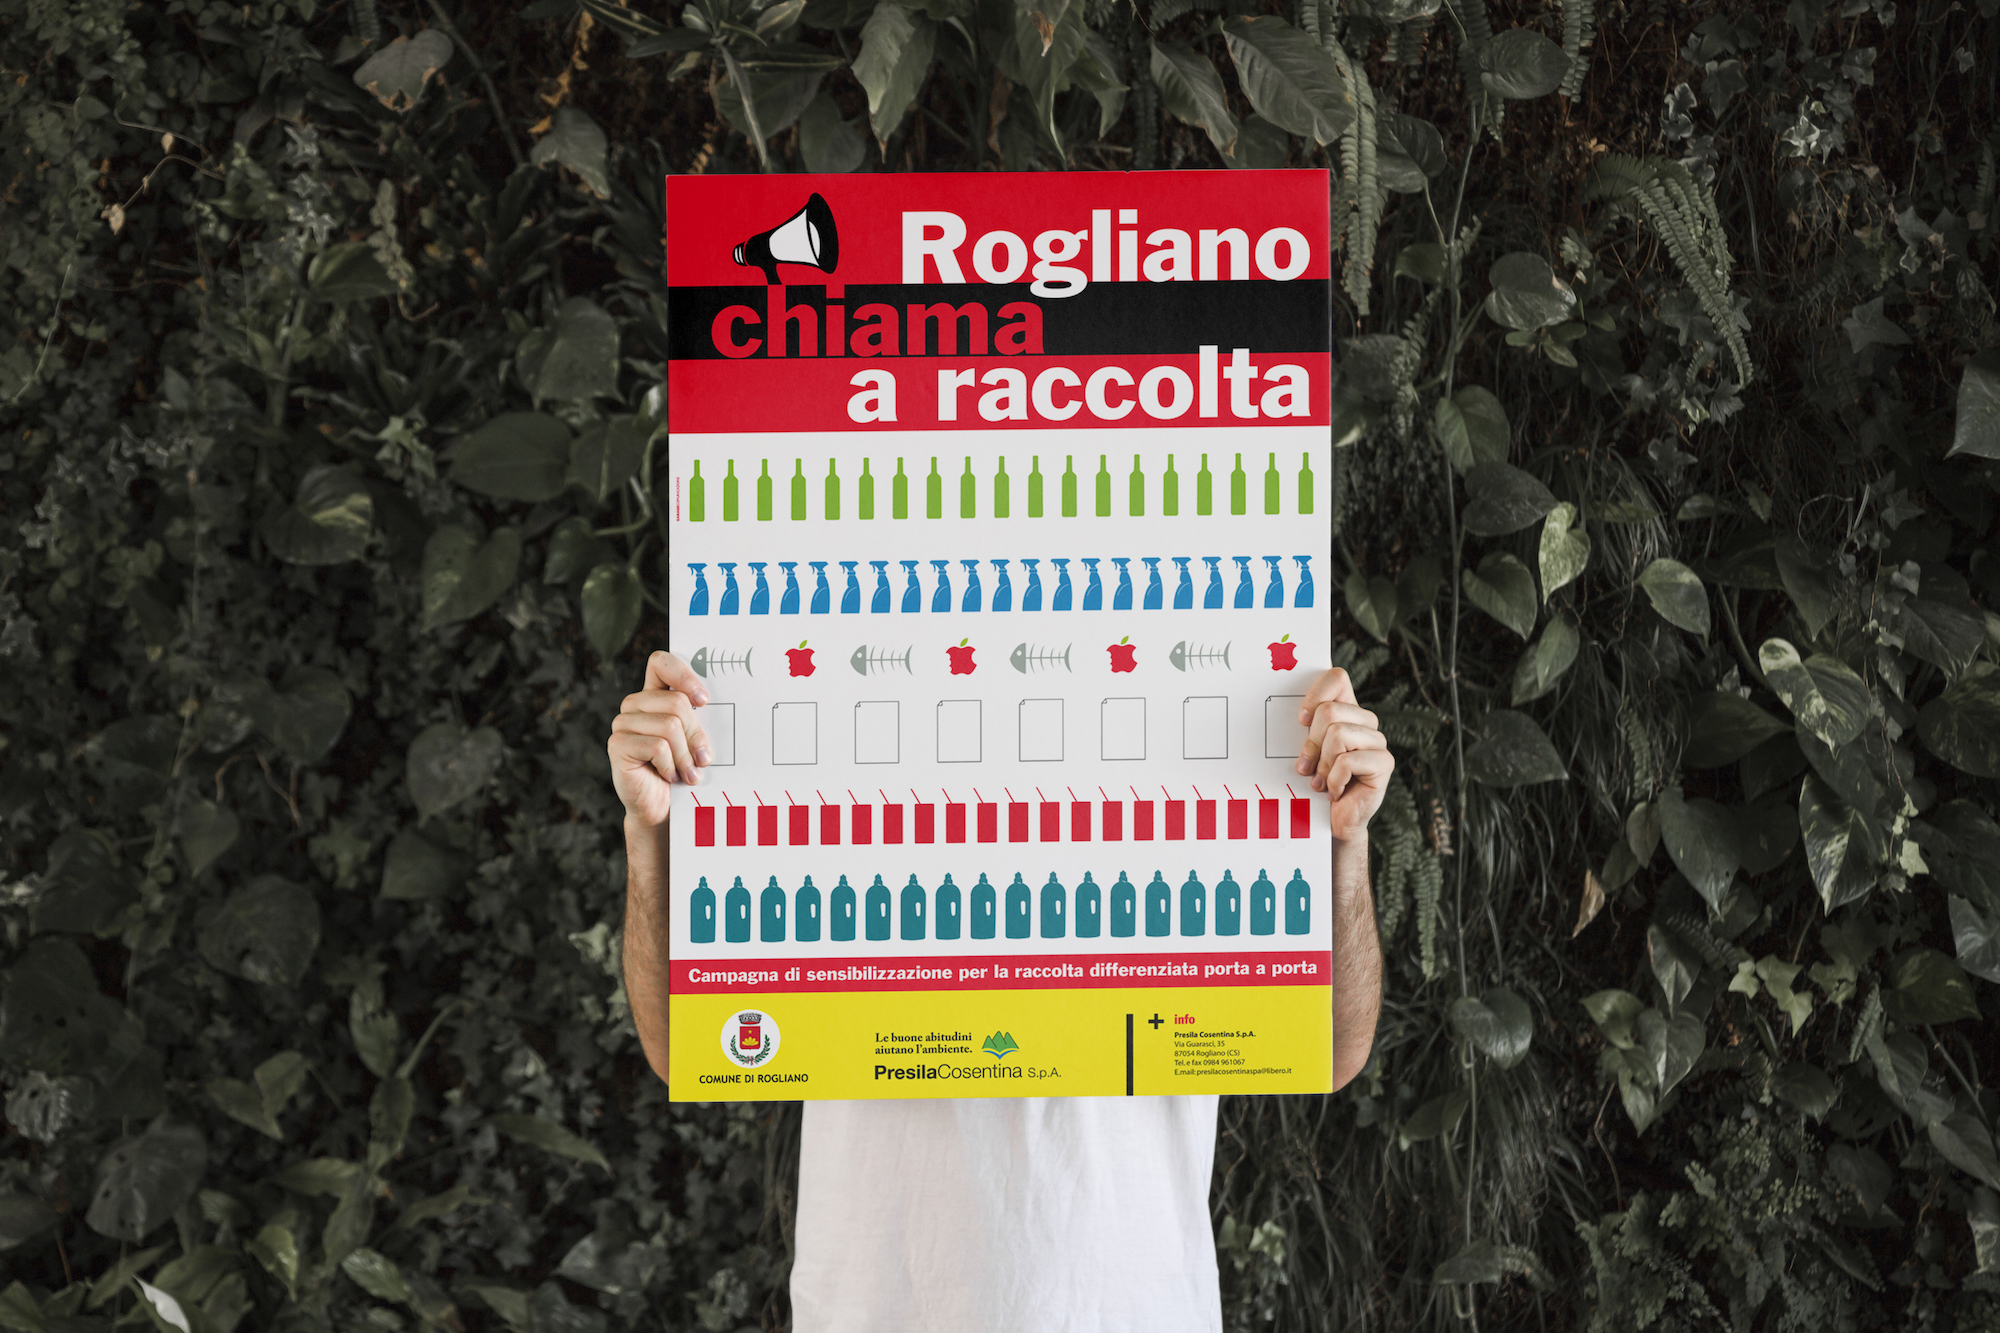 Campagna pubblicitaria Rogliano Chiama a raccolta